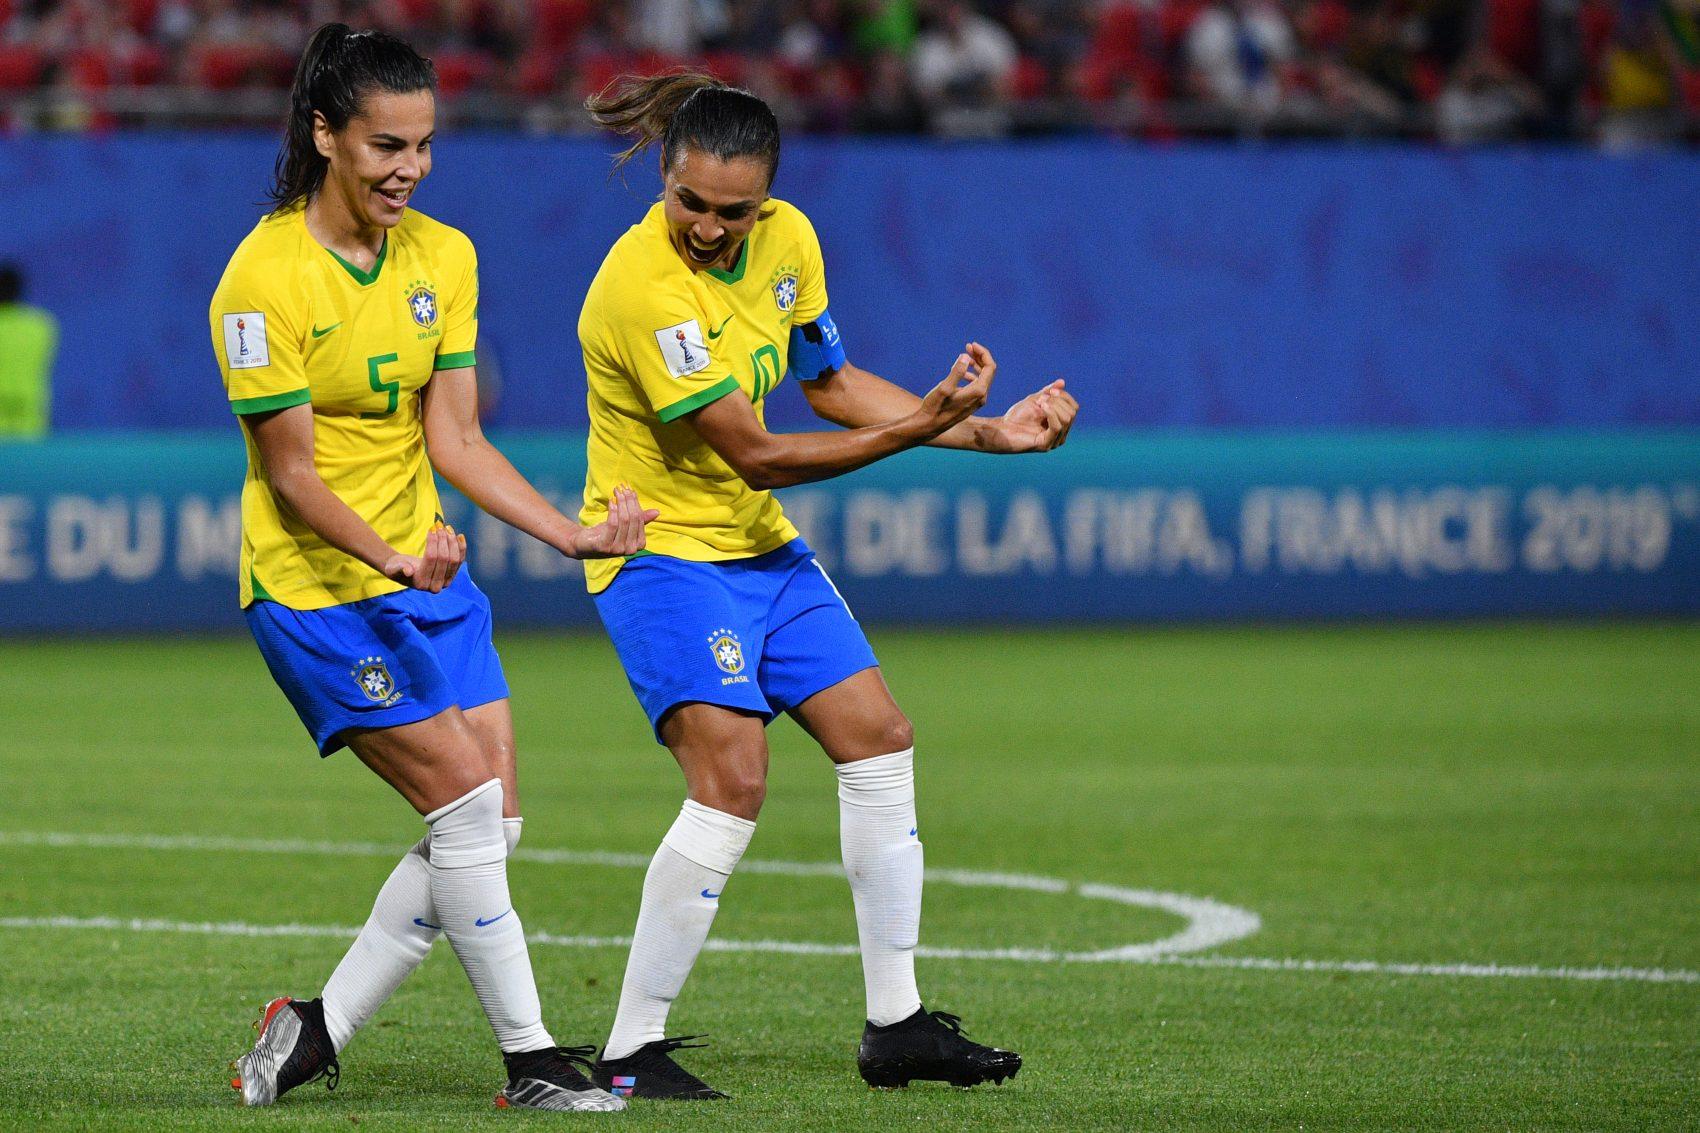 Marta e Thaisa repetem o gesto de Bebeto na Copa de 1994: homenagem ao afilhado da camisa 5. Foto de Philippe Huguen (AFP)